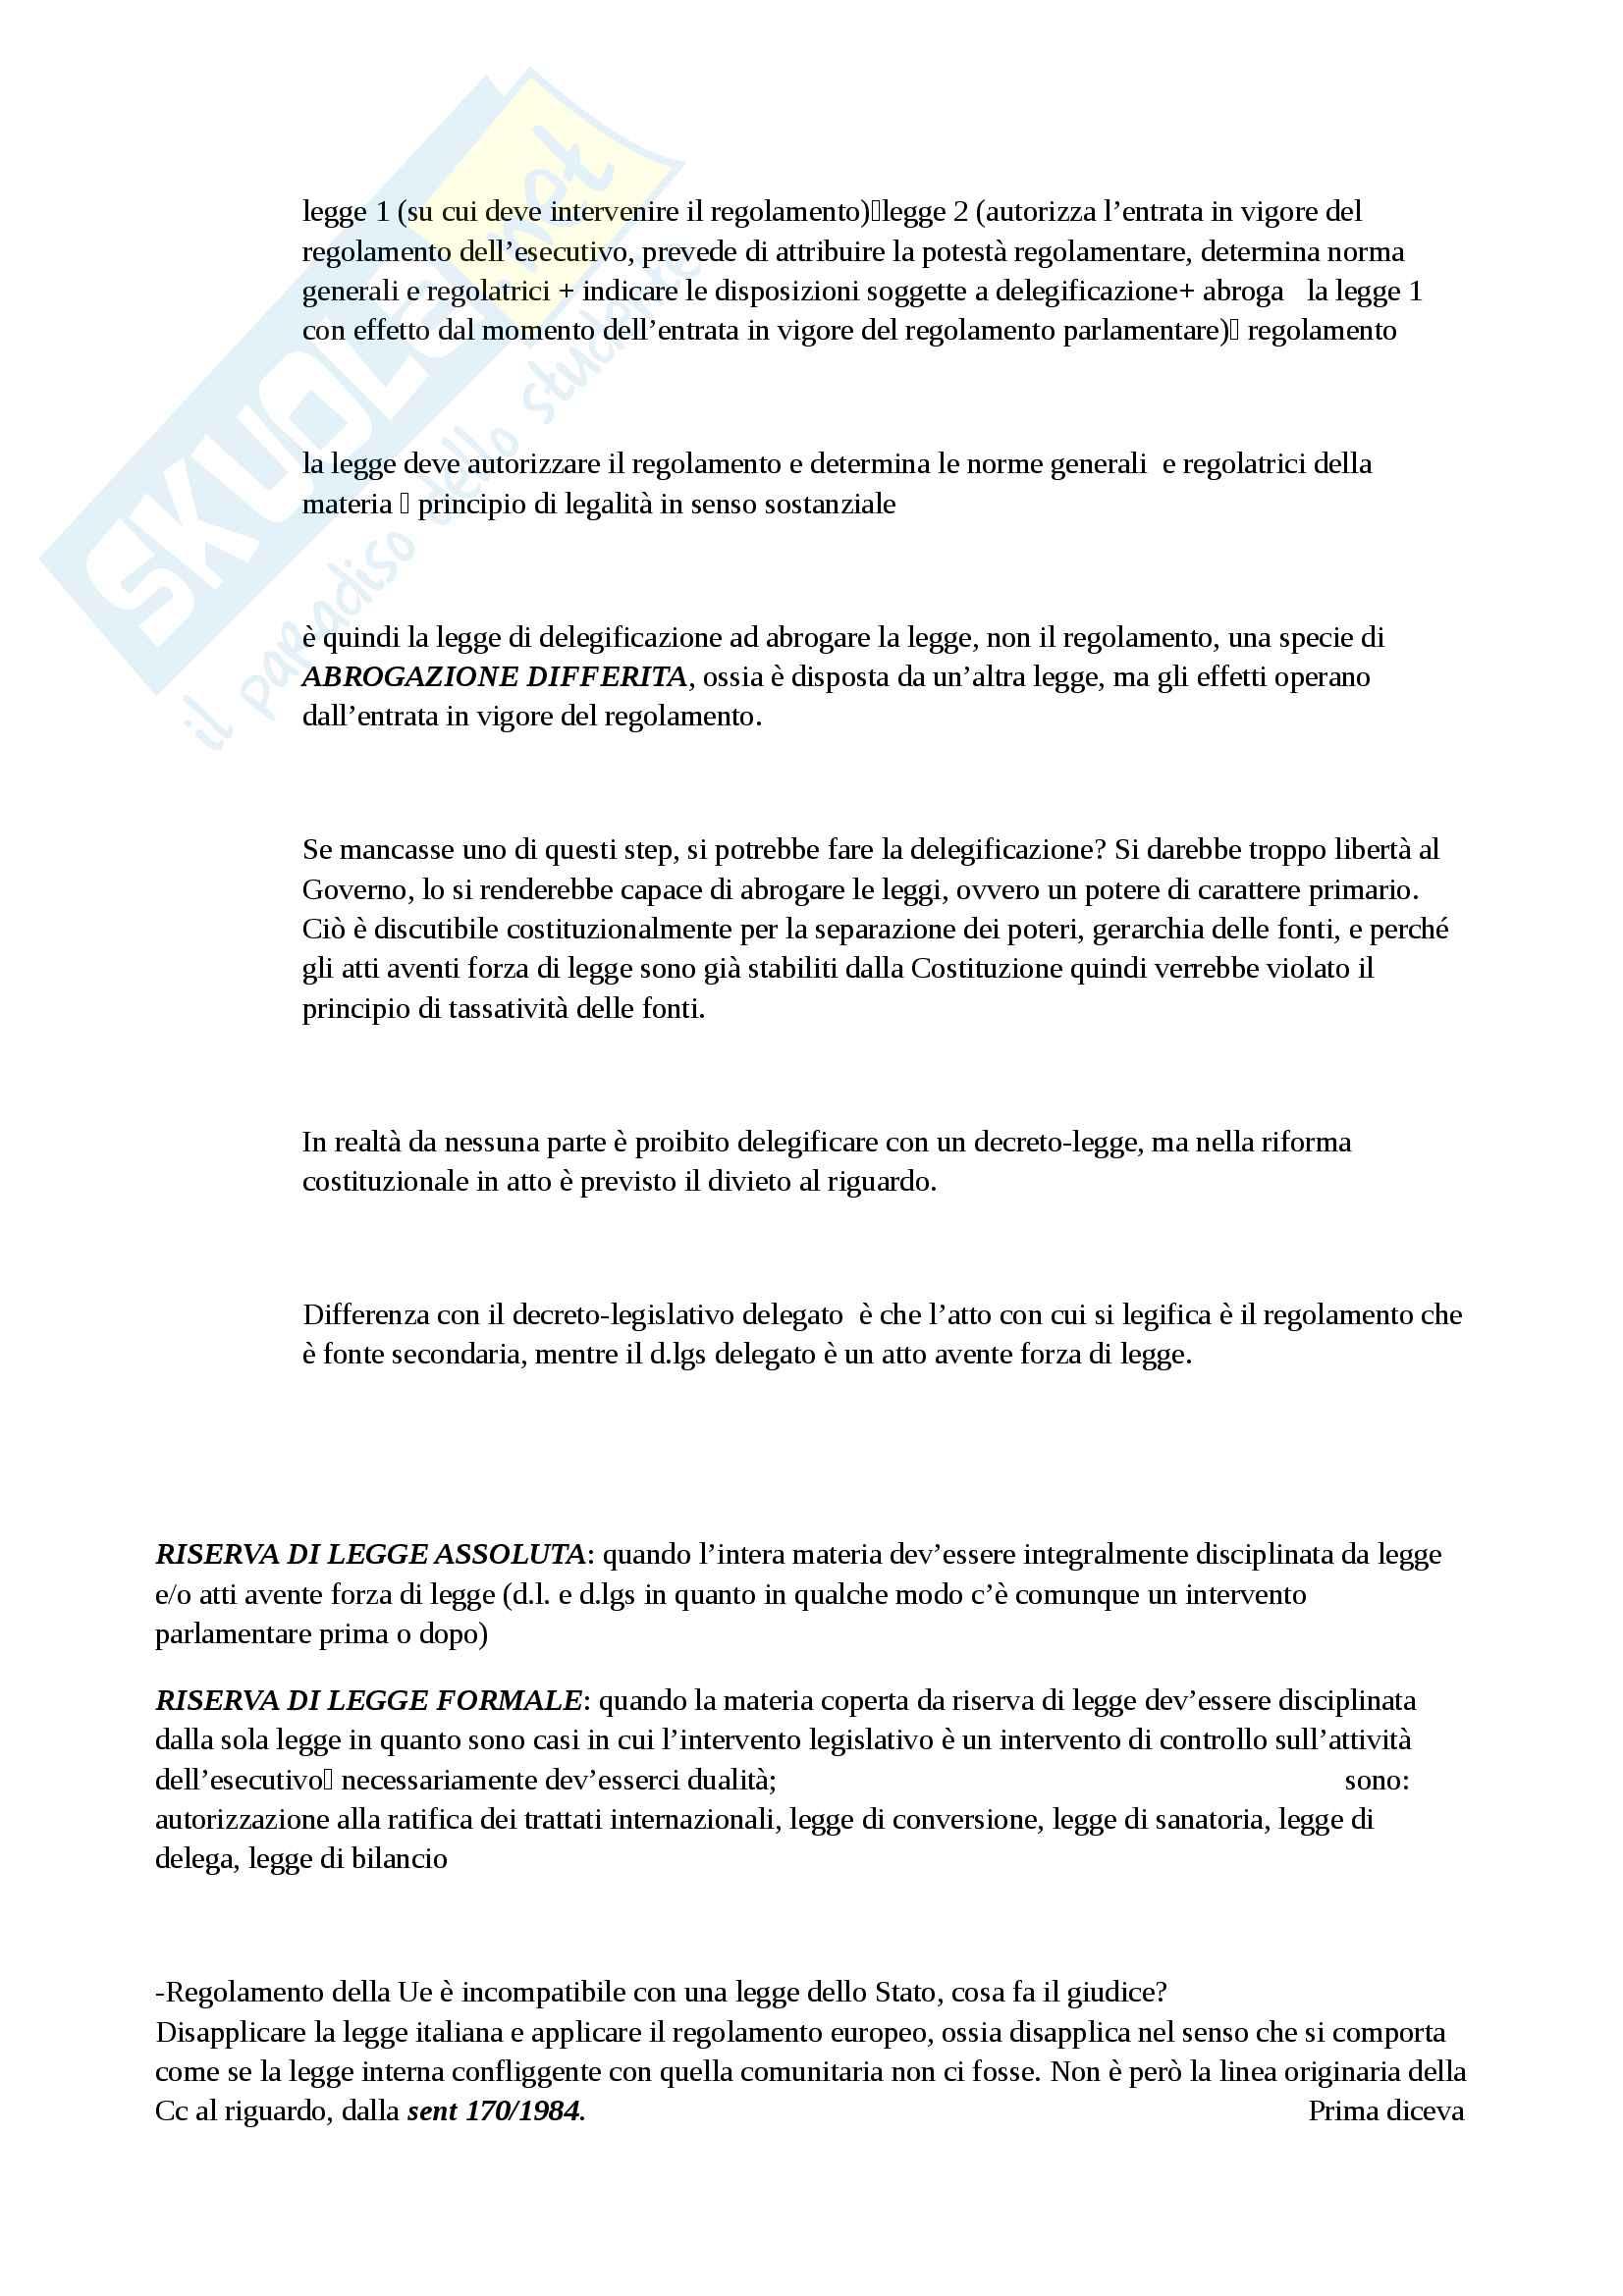 Diritto costituzionale, dalla definizione di ordinamento giuridico allo studio specifico dell'ordinamento giuridico italiano Pag. 91